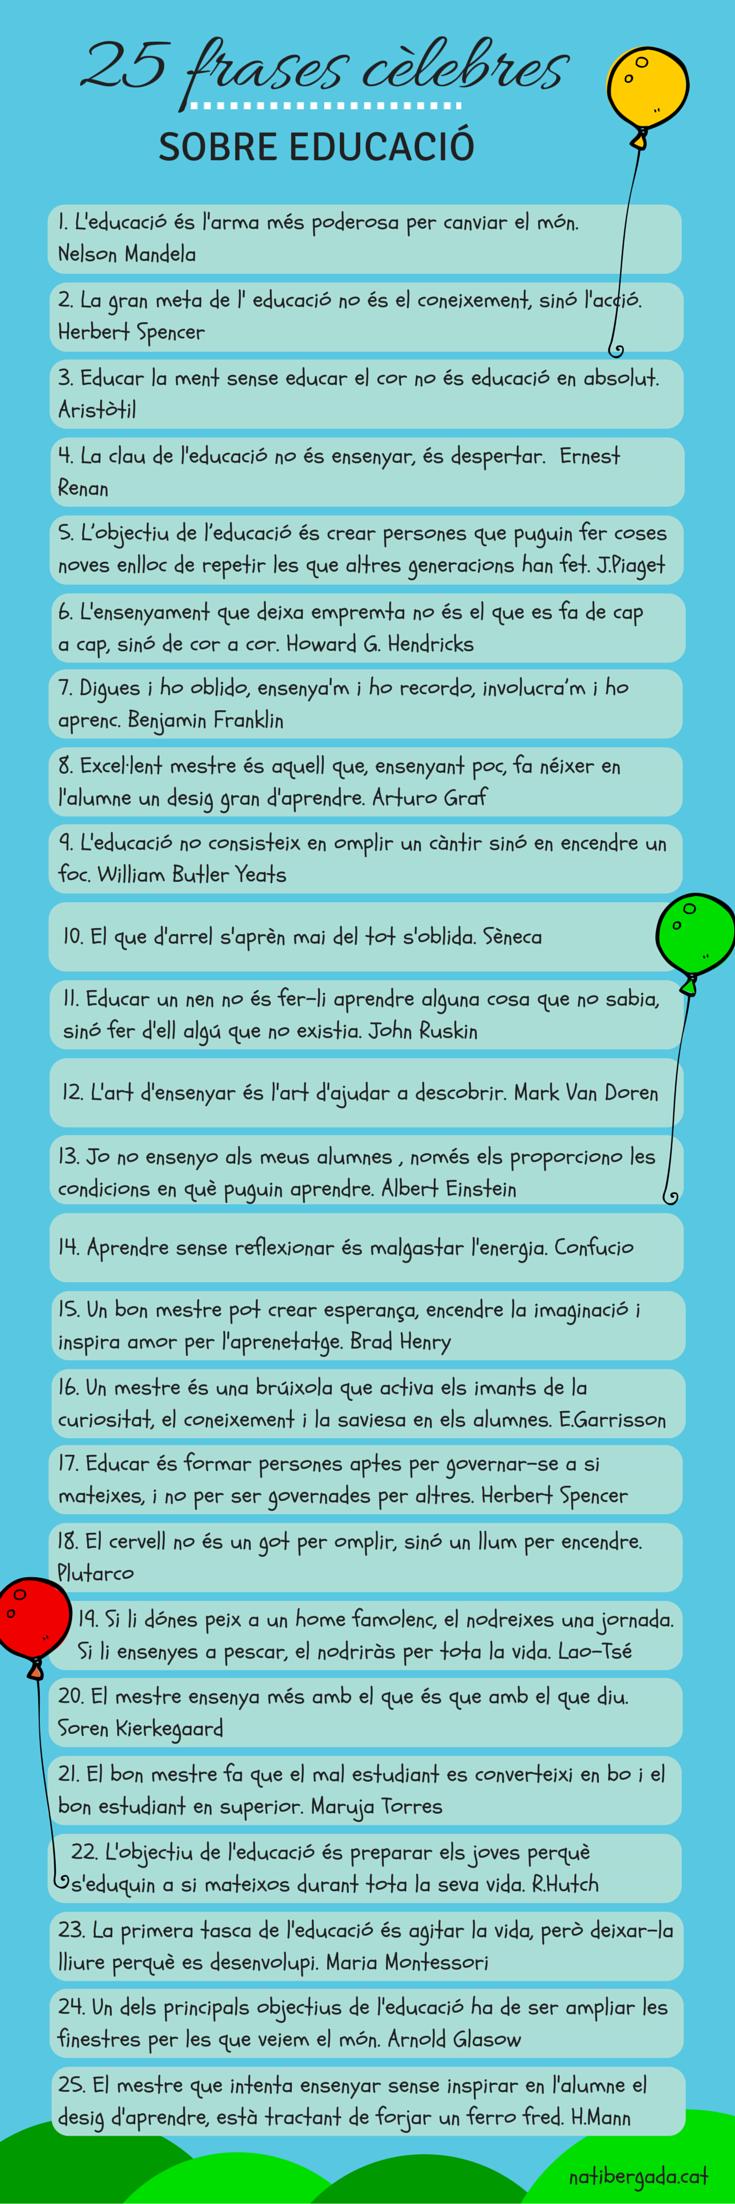 Les 25 Millors Frases Celebres Sobre Educacio I Natibergada Cat